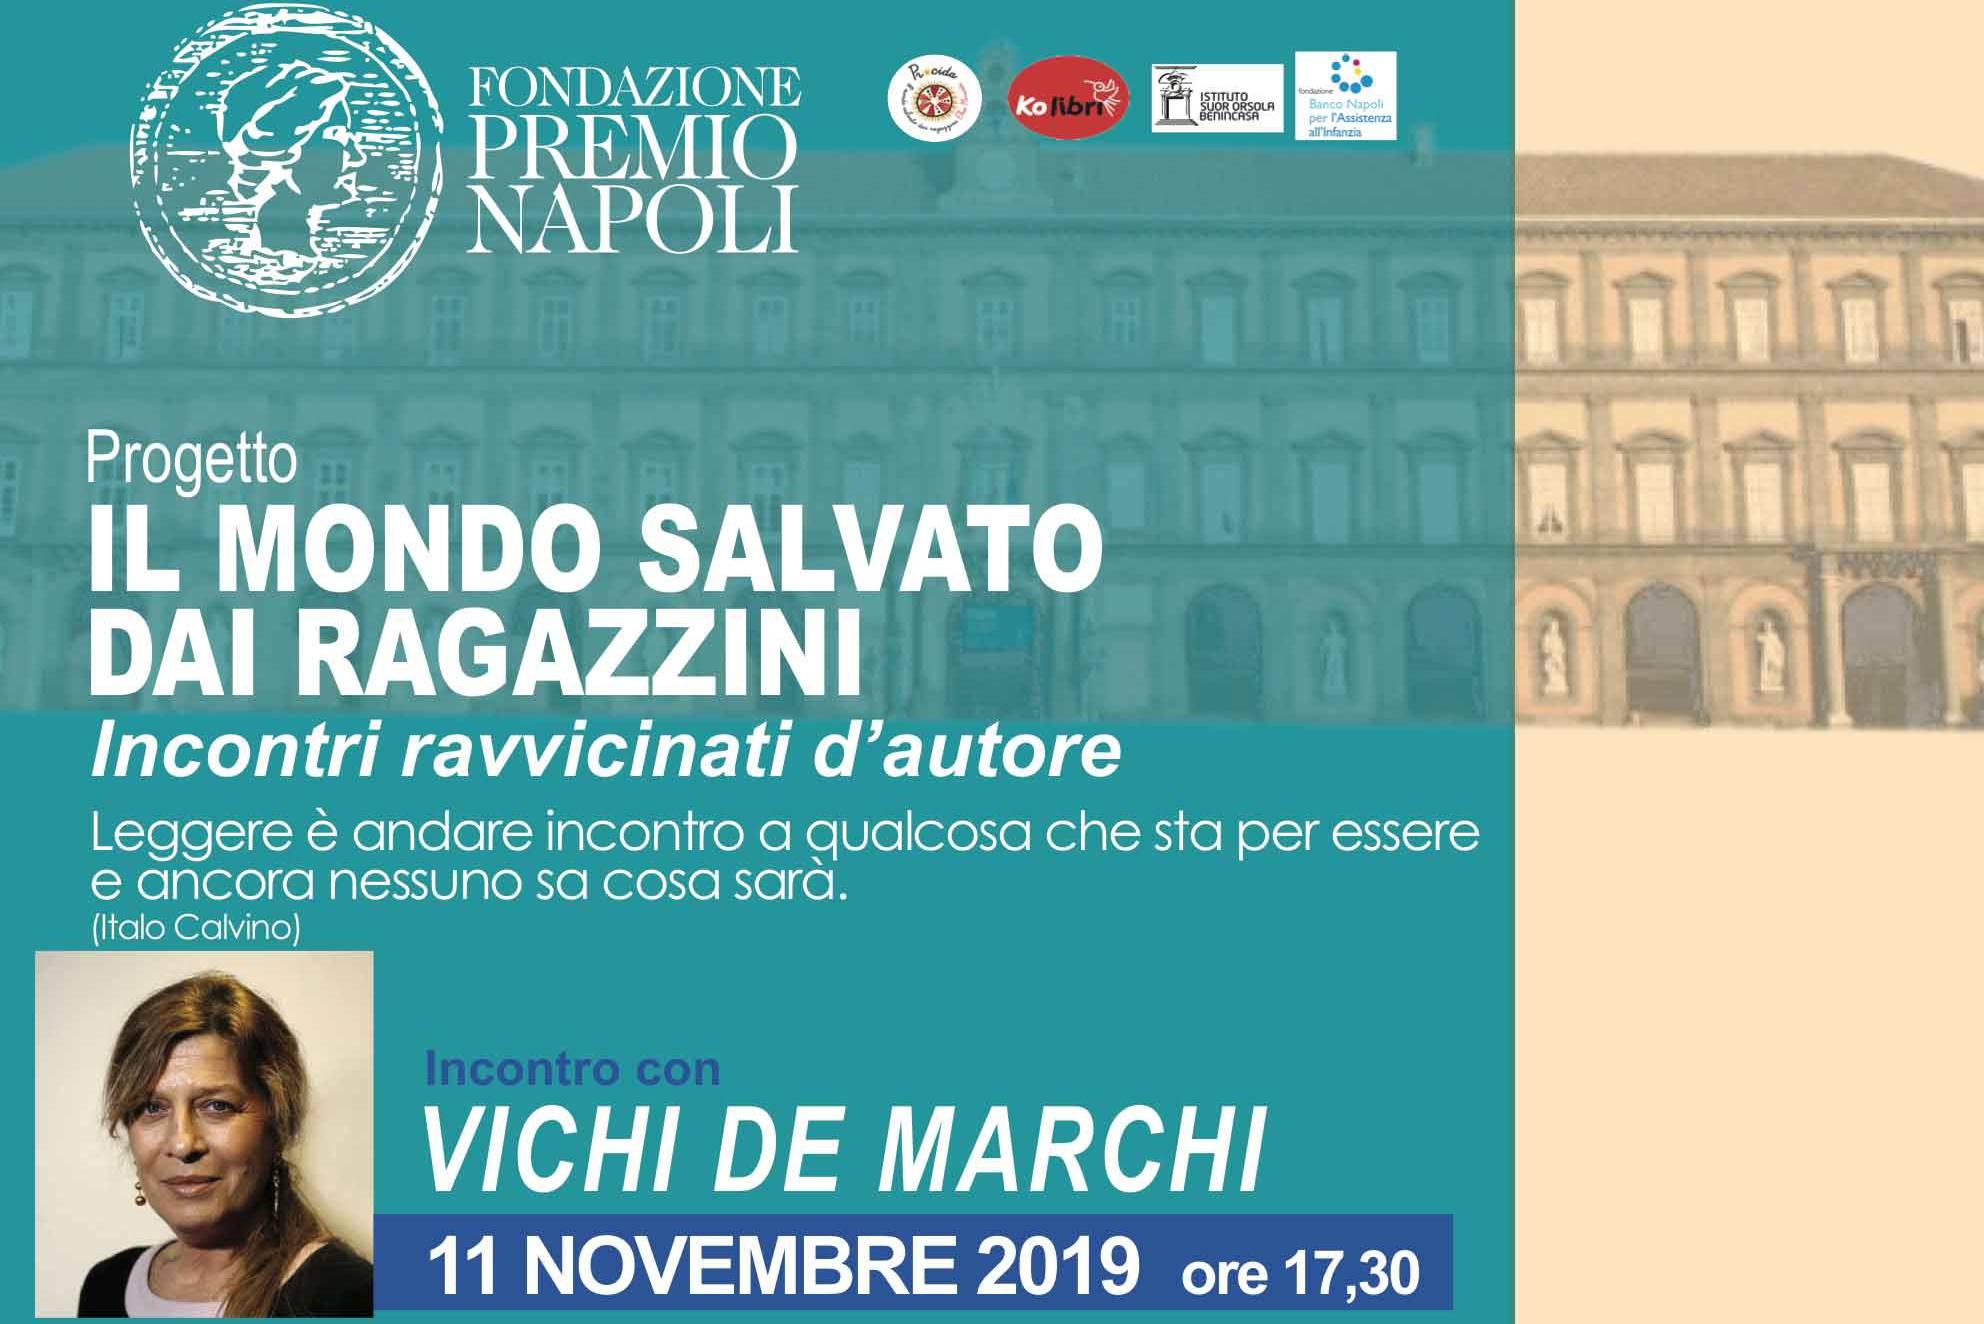 «Il mondo salvato dai ragazzini», la Fondazione Premio Napoli ospita Vichi De Marchi